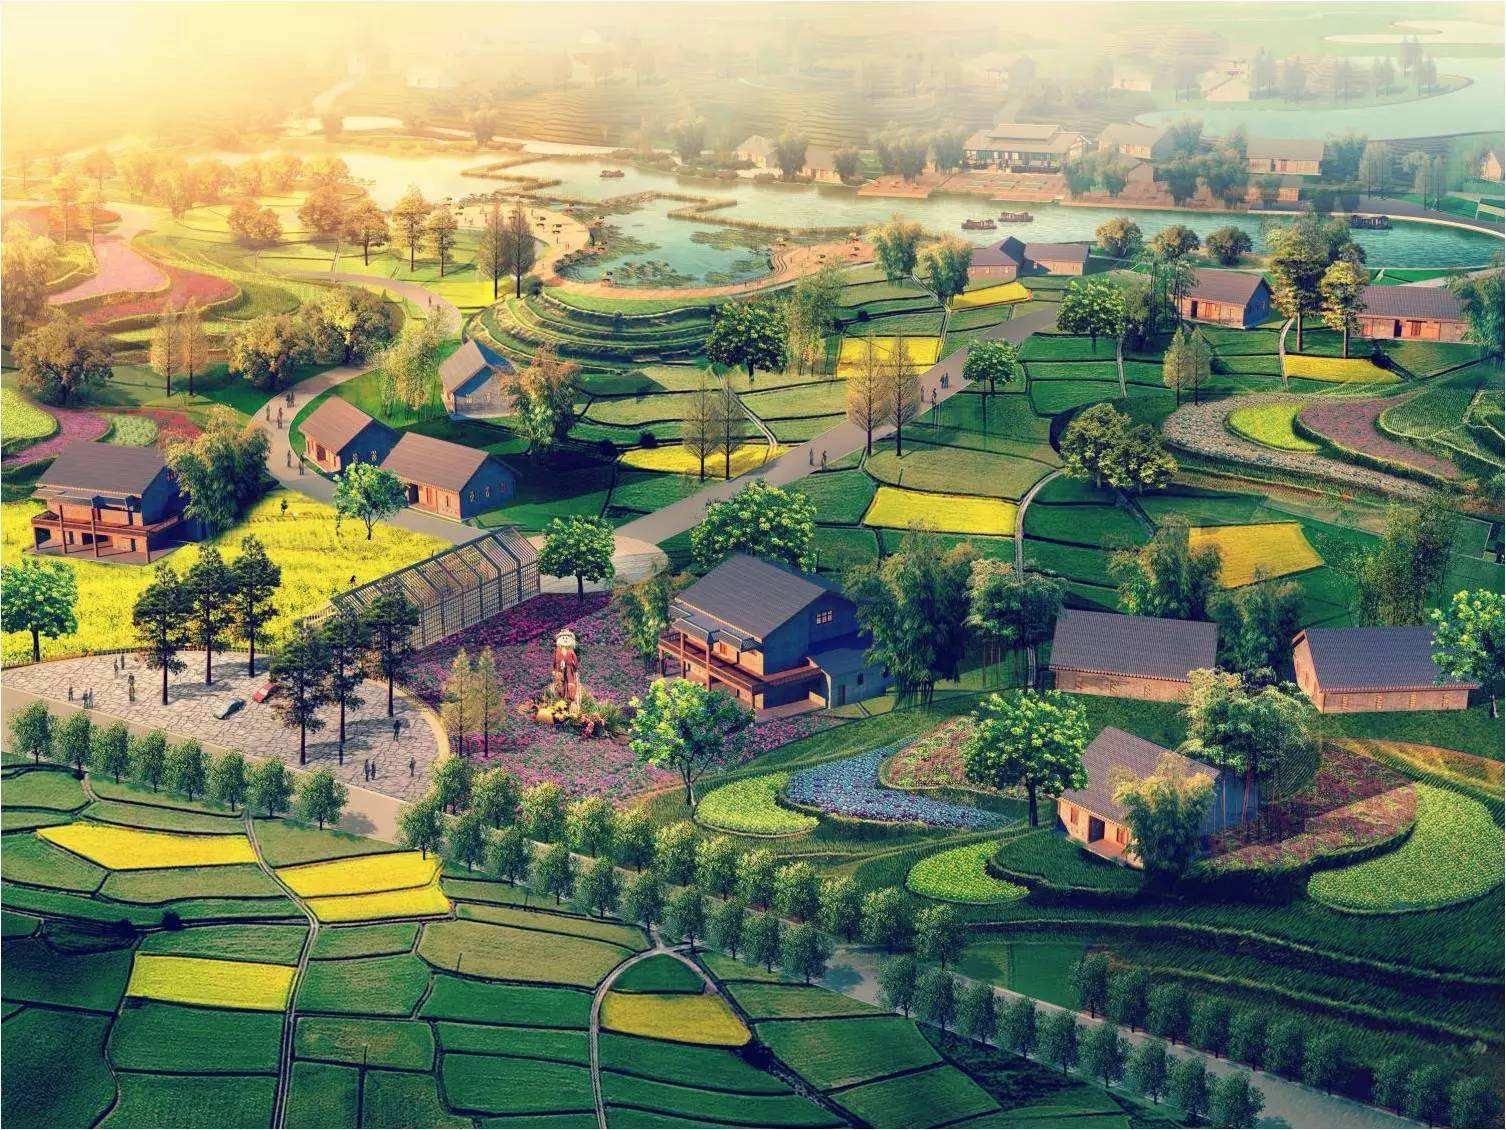 三农日报|袁隆平海水稻海外复制;温氏预计投资农服领域;新商机:海沙蚕养殖